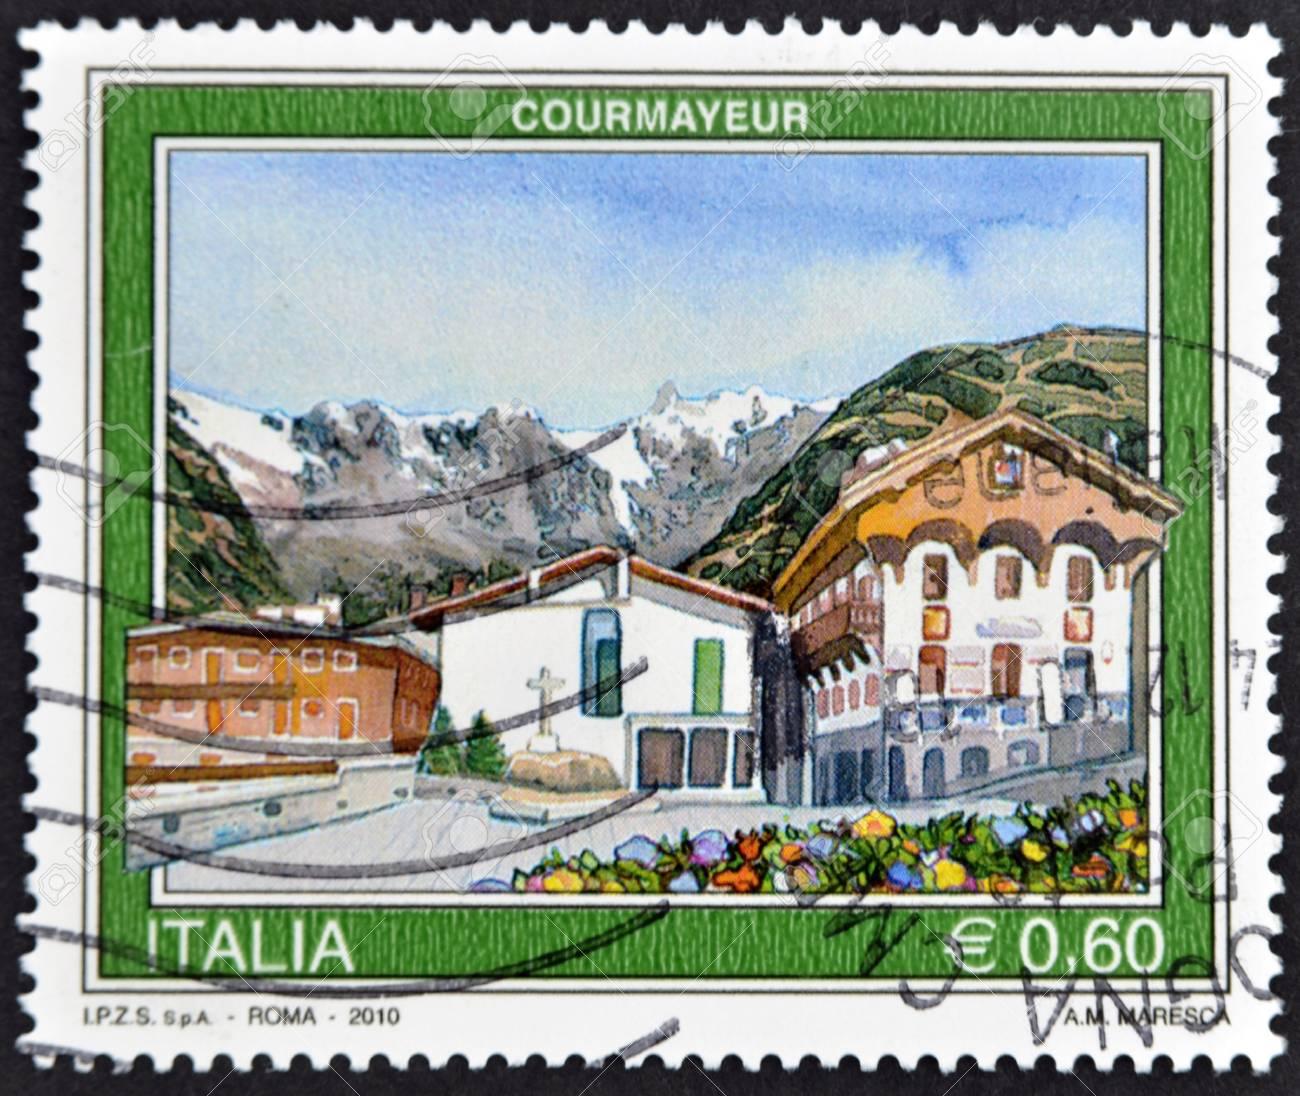 ITALY - CIRCA 2010: A stamp printed in Italy shows Courmayeur, circa 2010 Stock Photo - 11813779